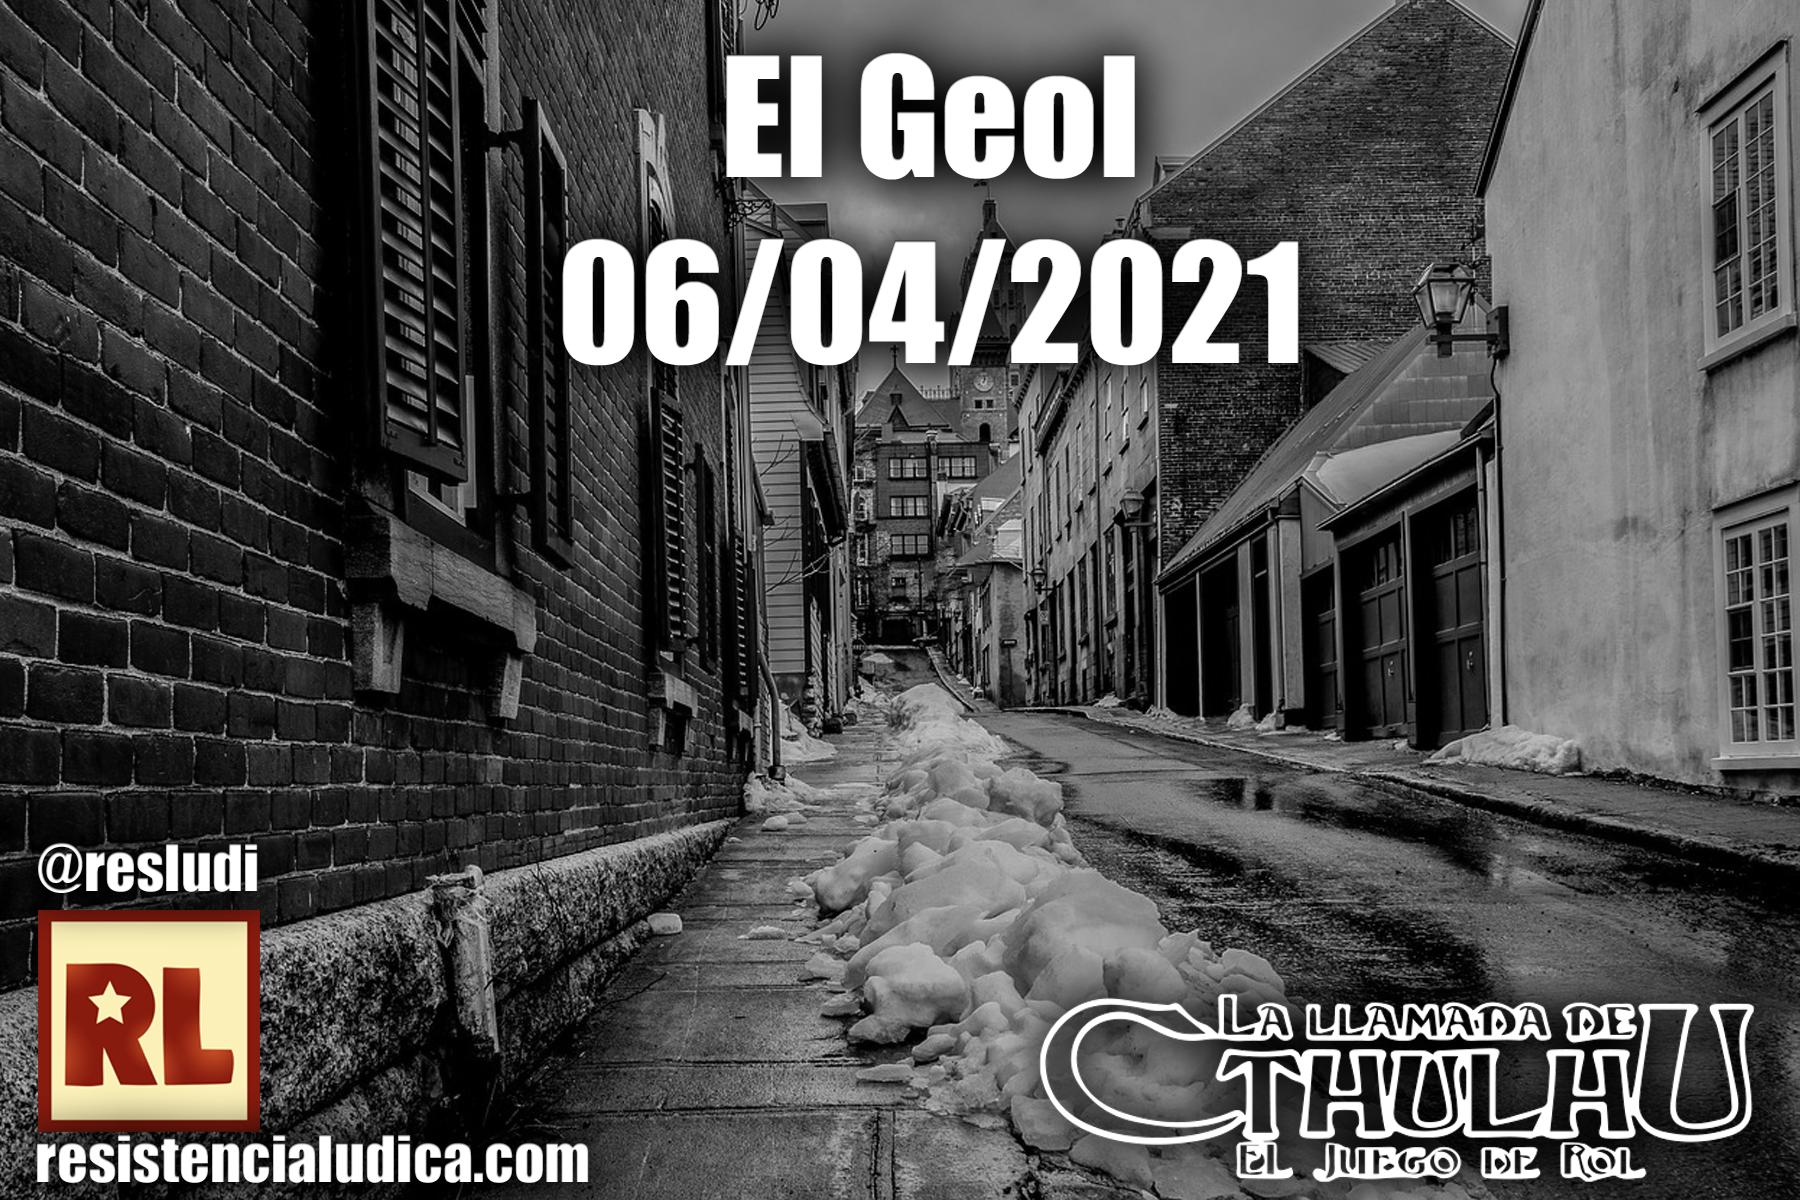 Resistencia Lúdica - El Geol (La llamada de Cthulhu 7)